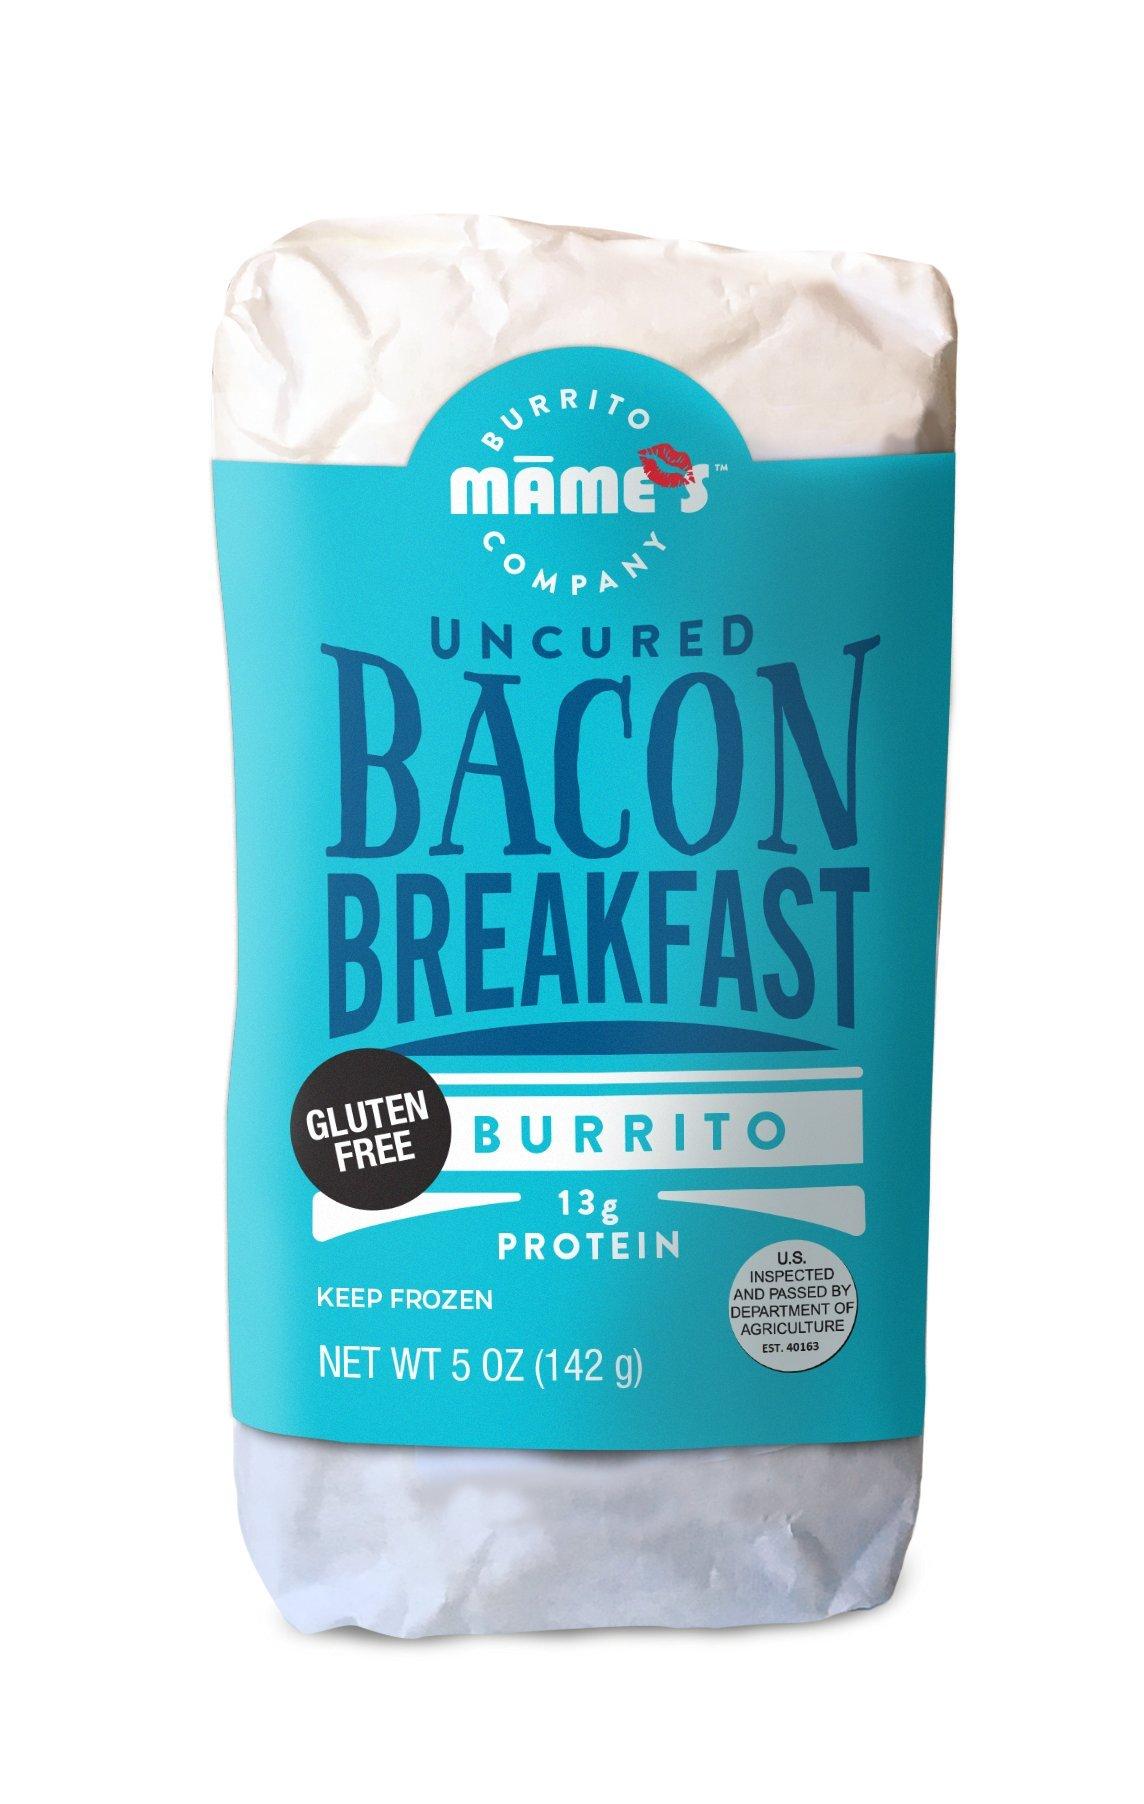 Mame's Burrito Company Gluten Free Uncured Bacon Breakfast Burrito, 7 Ounce (Pack of 12) by Mame's Burrito Company